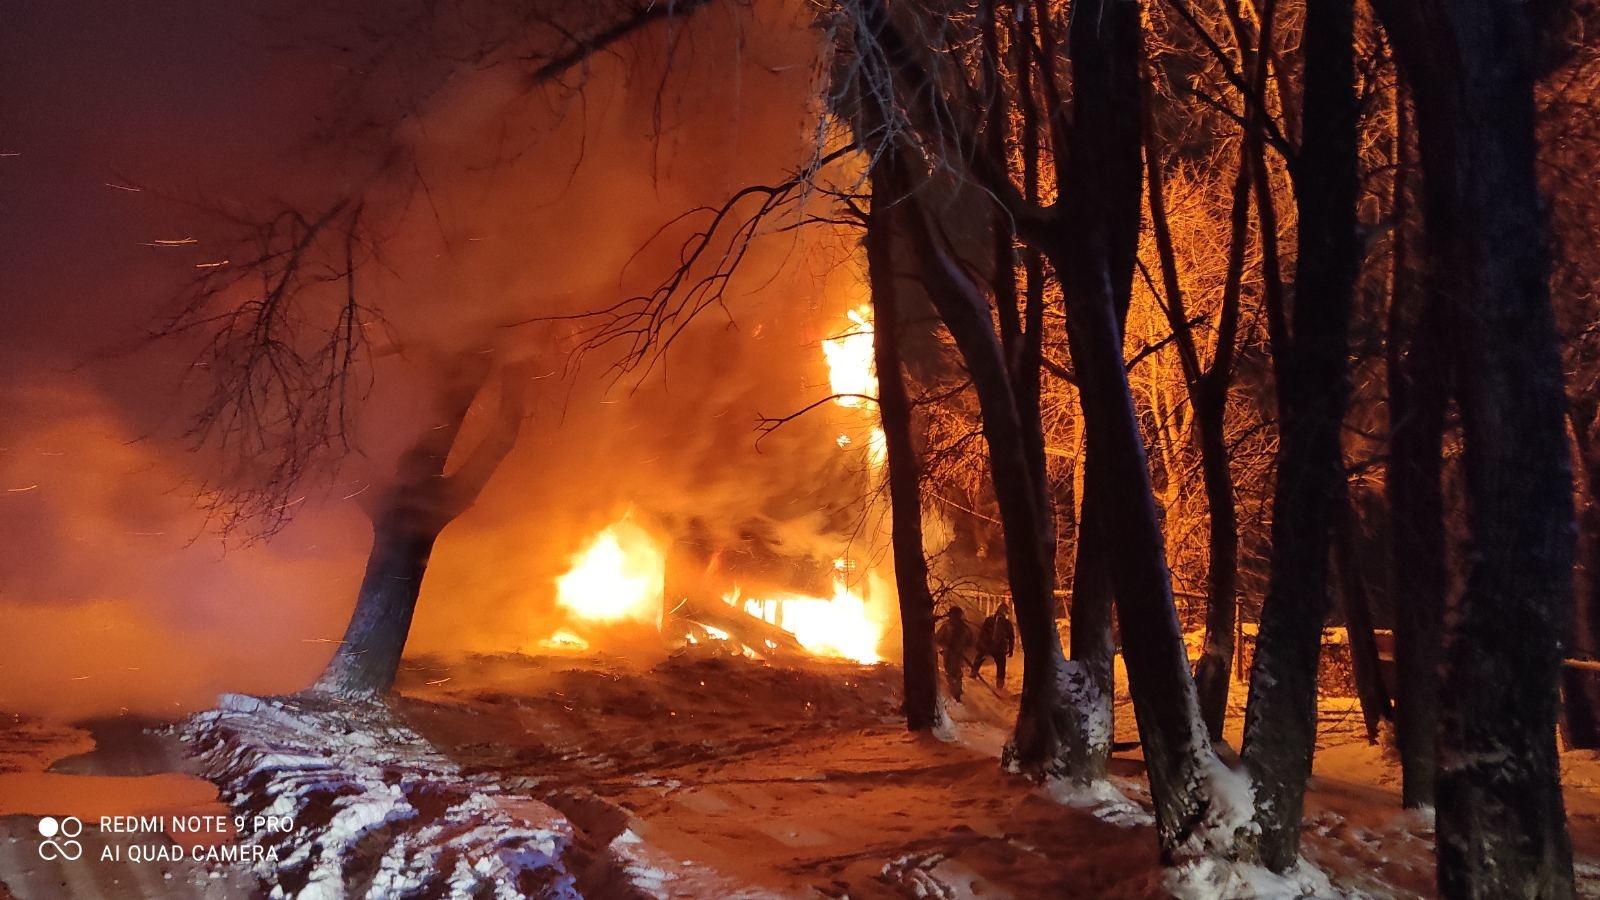 Пожарно-спасательные подразделения ликвидировали пожар в Плесецком районе Архангельской области.